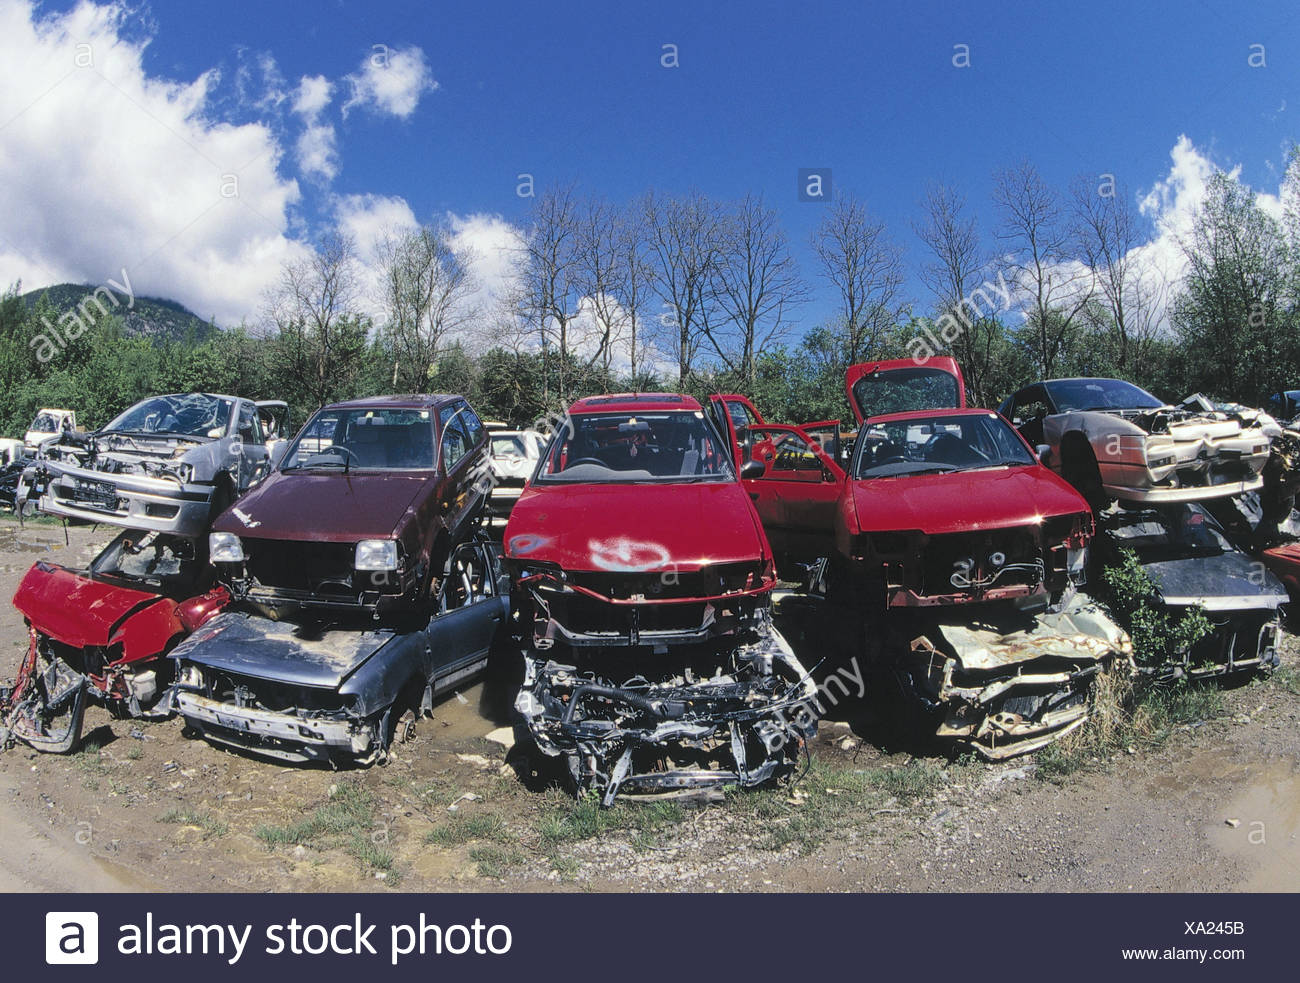 Junk Yard Cars Stock Photos & Junk Yard Cars Stock Images - Alamy